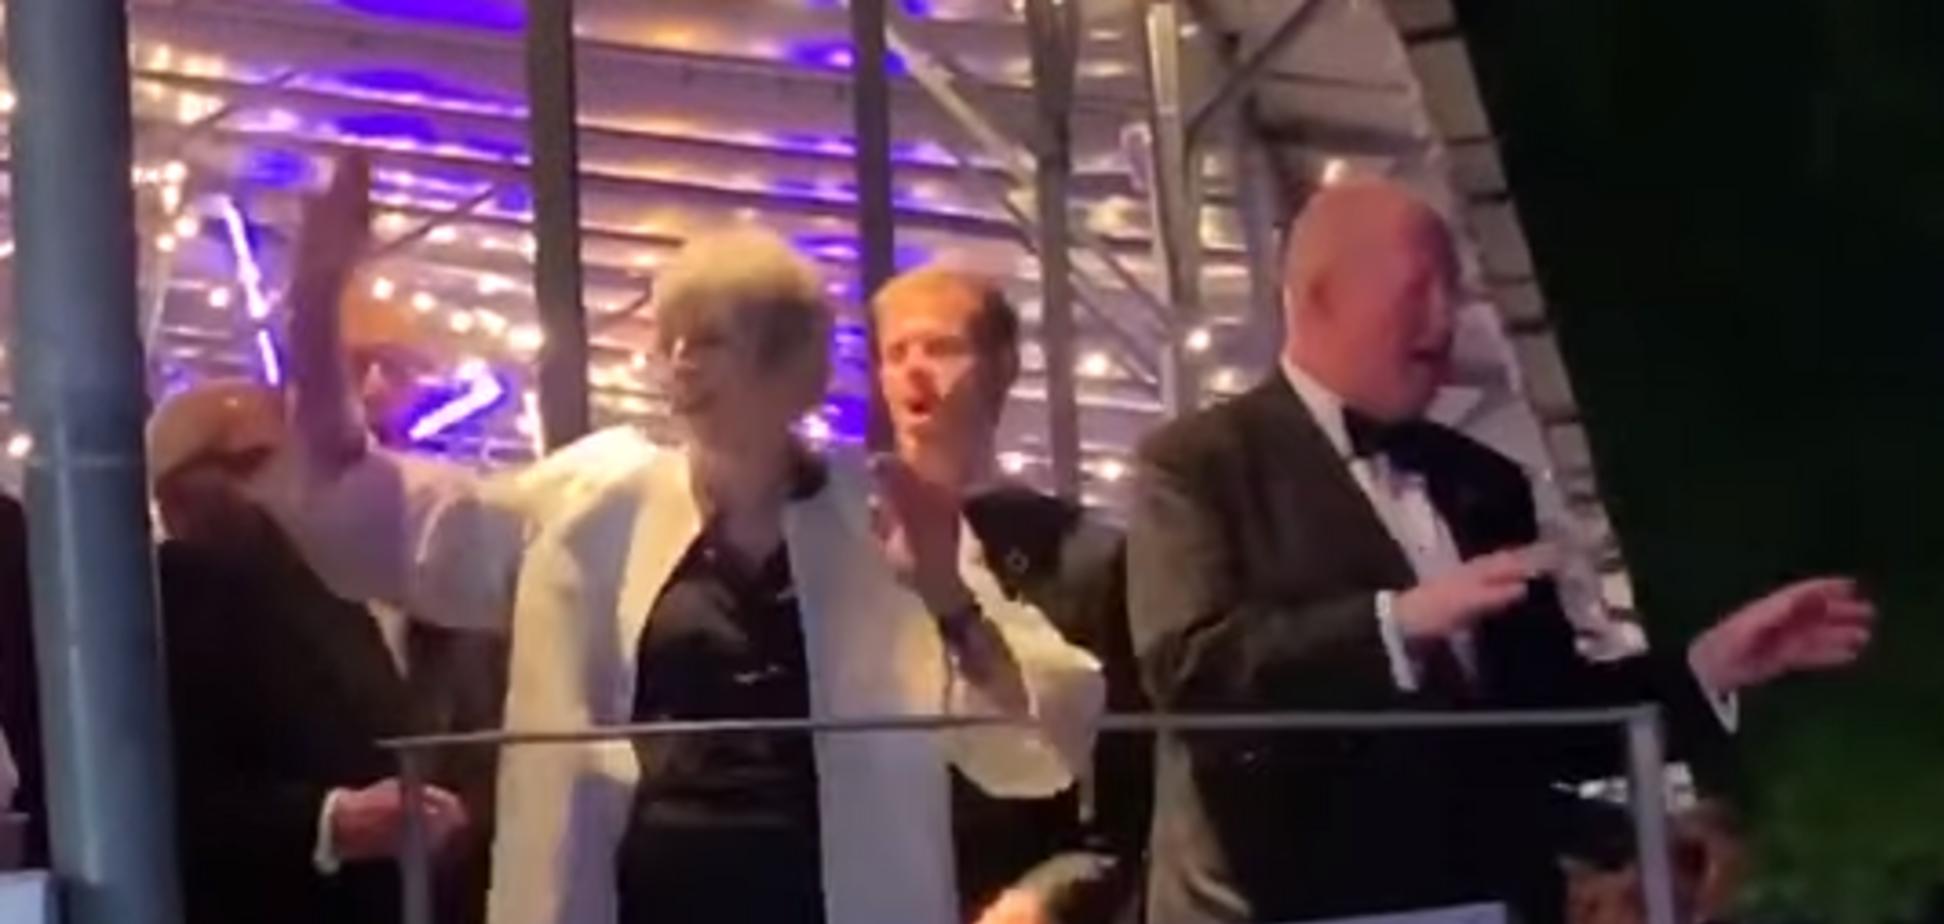 'Танцующая королева': Мэй в последние дни премьерства 'оторвалась' под 'Аббу'. Видео